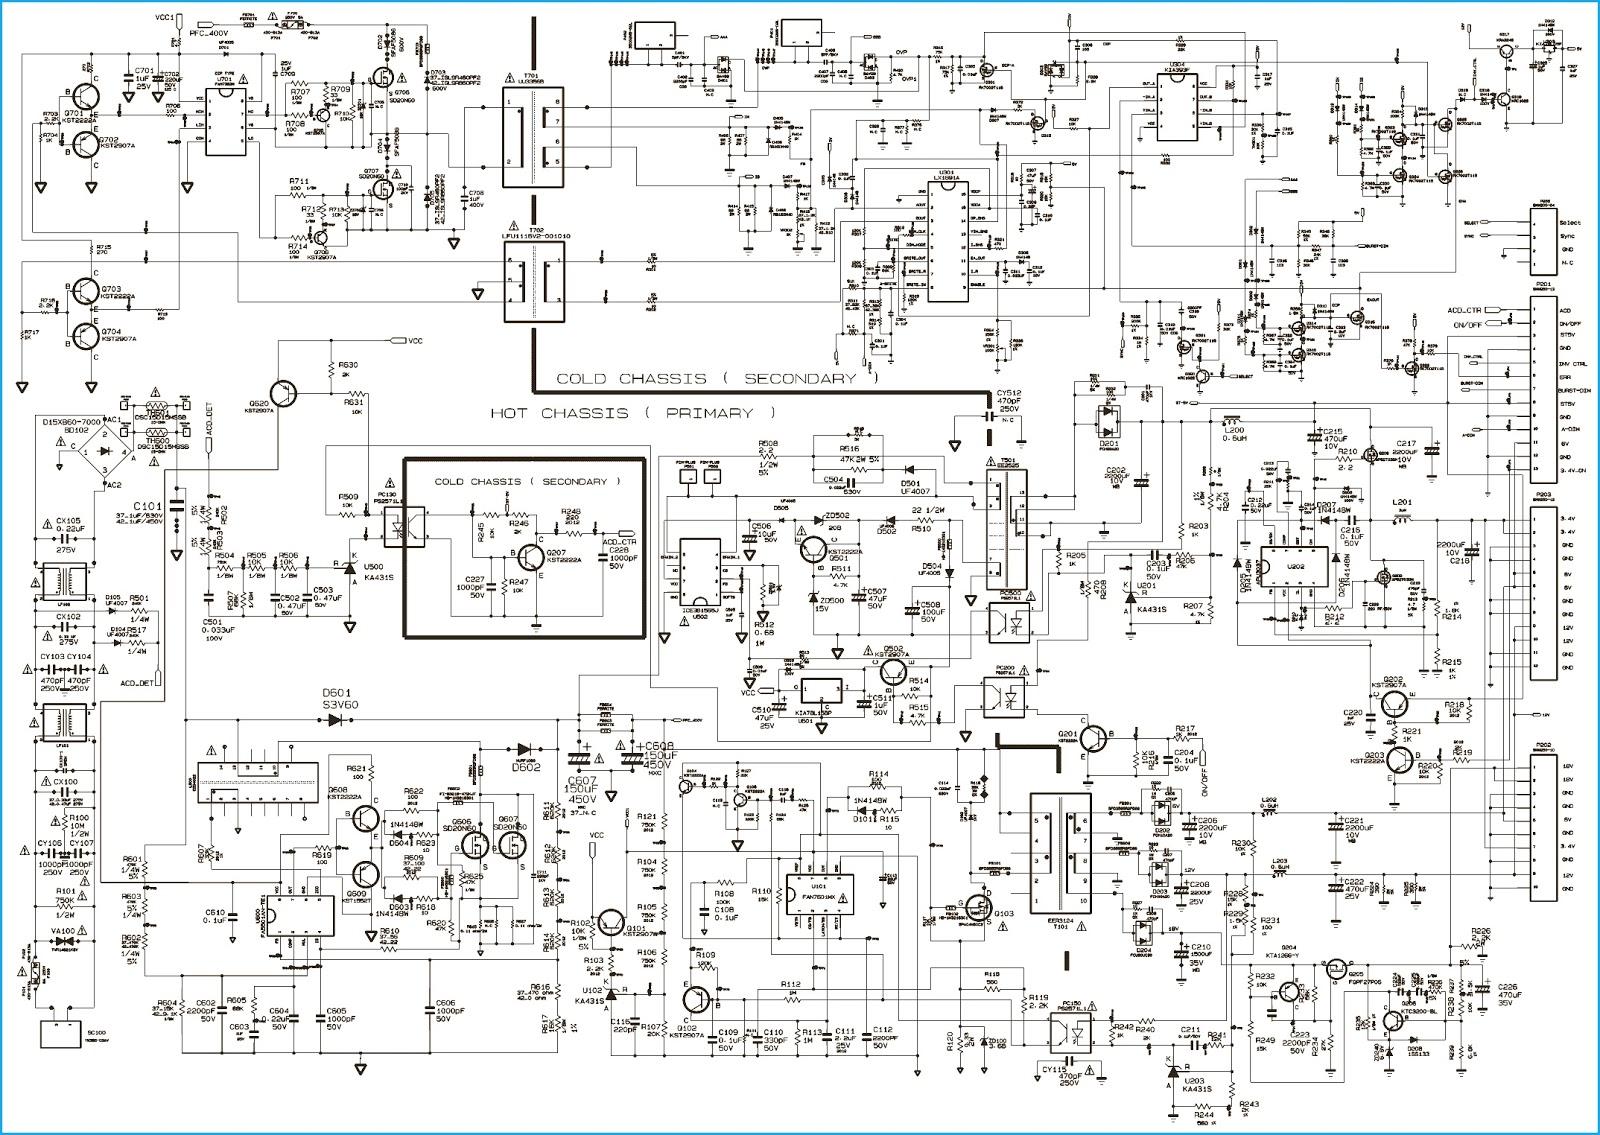 Схемы блоков питания самсунг bn44 612